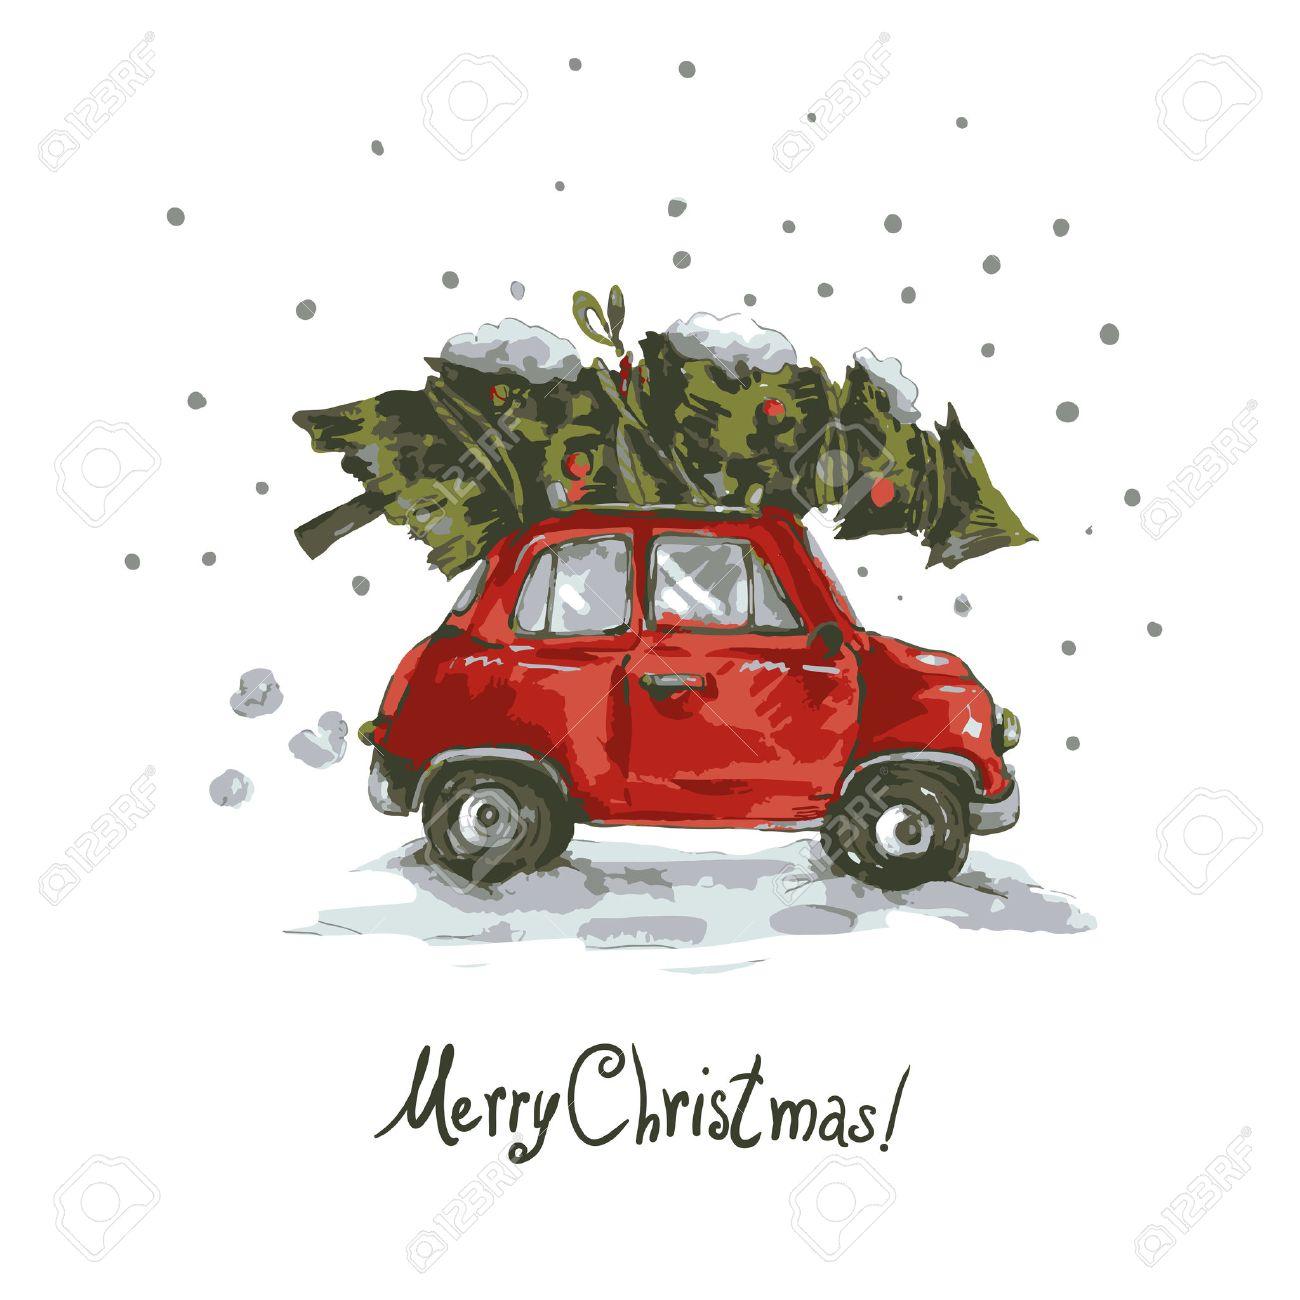 Immagini Di Natale Vintage.Biglietto Di Auguri Di Inverno Con Auto Retro Rosso Albero Di Natale Vintage Vettoriale Buon Natale E Felice Anno Nuovo Illustrazione